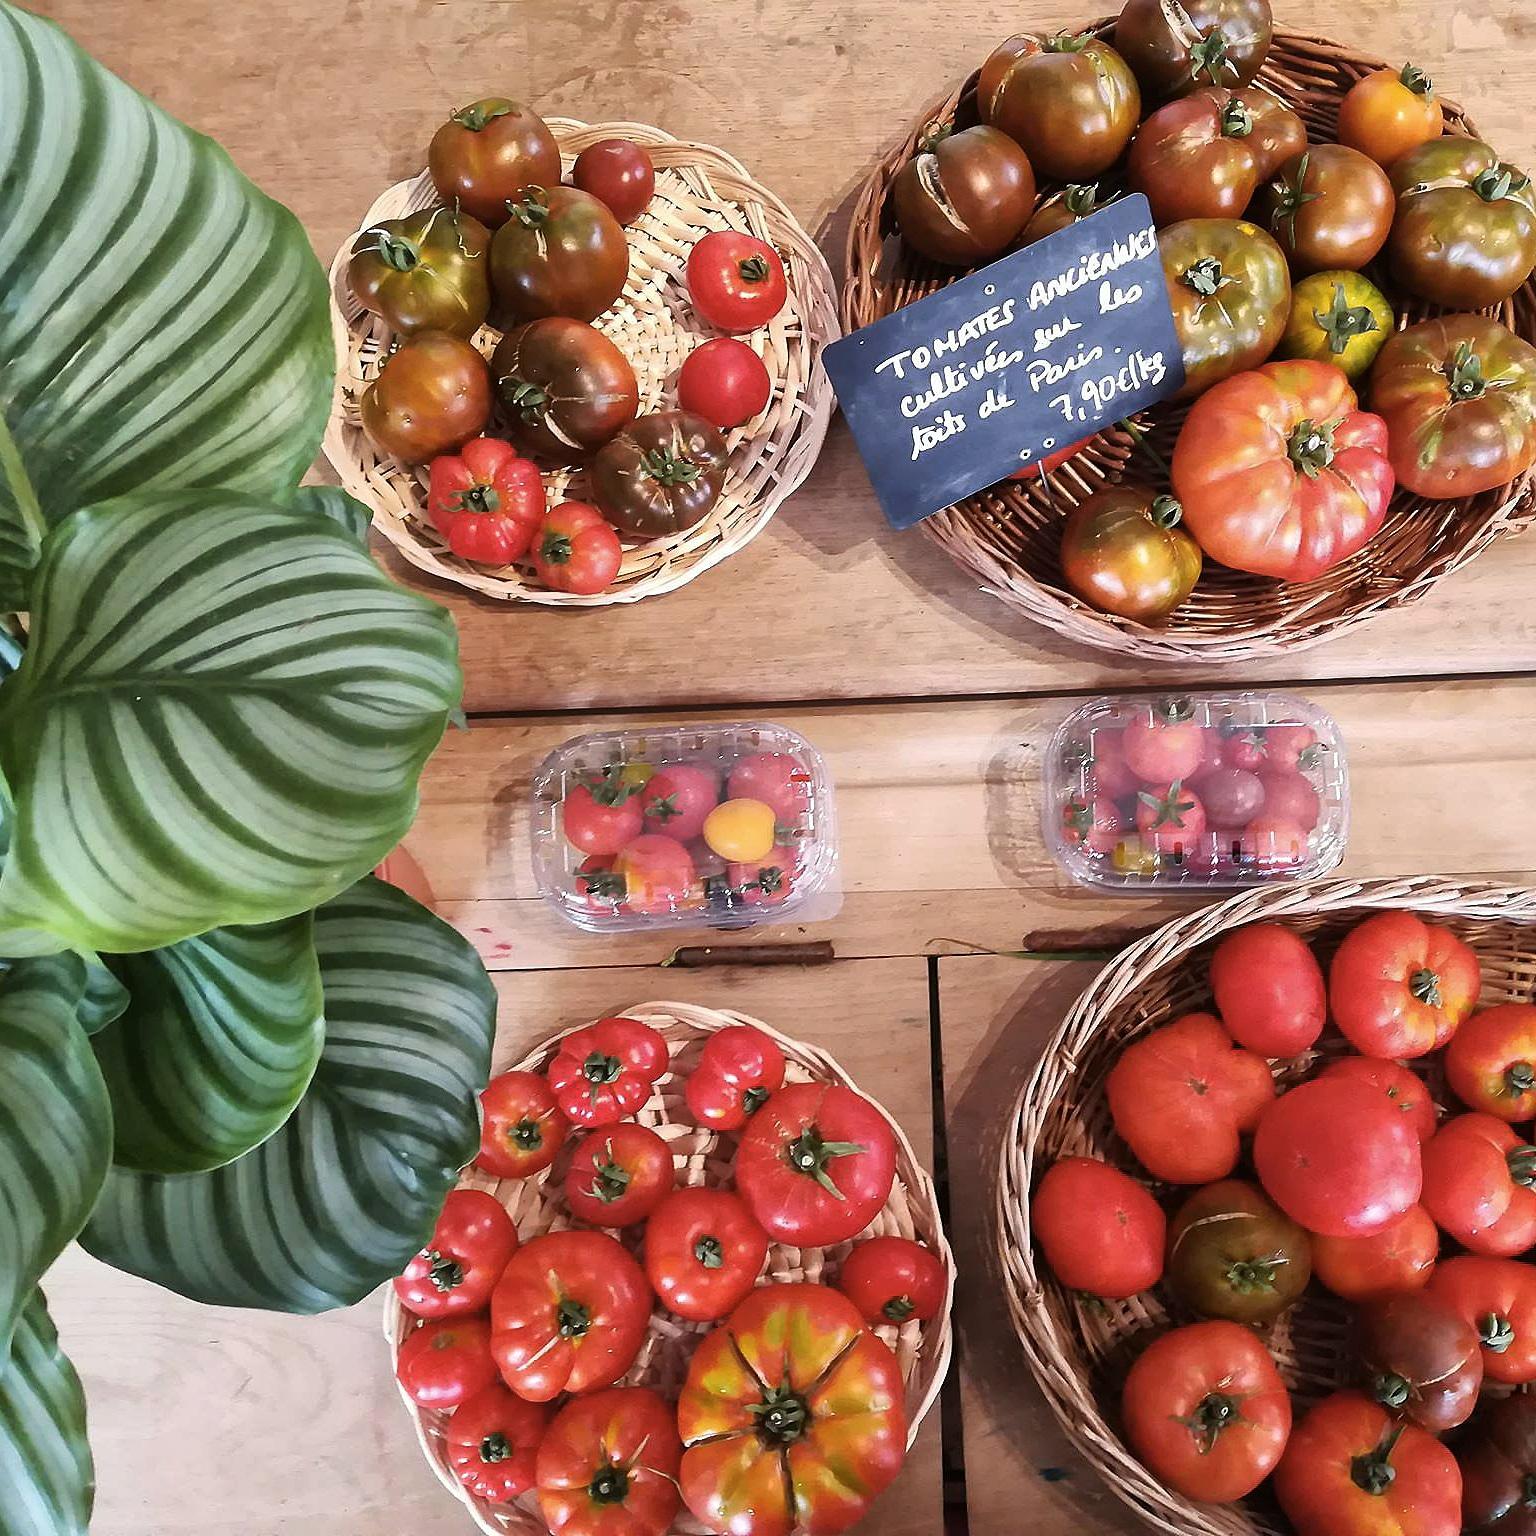 Des tomates issues de l'agriculture urbaine en vente au Testeur de commerce